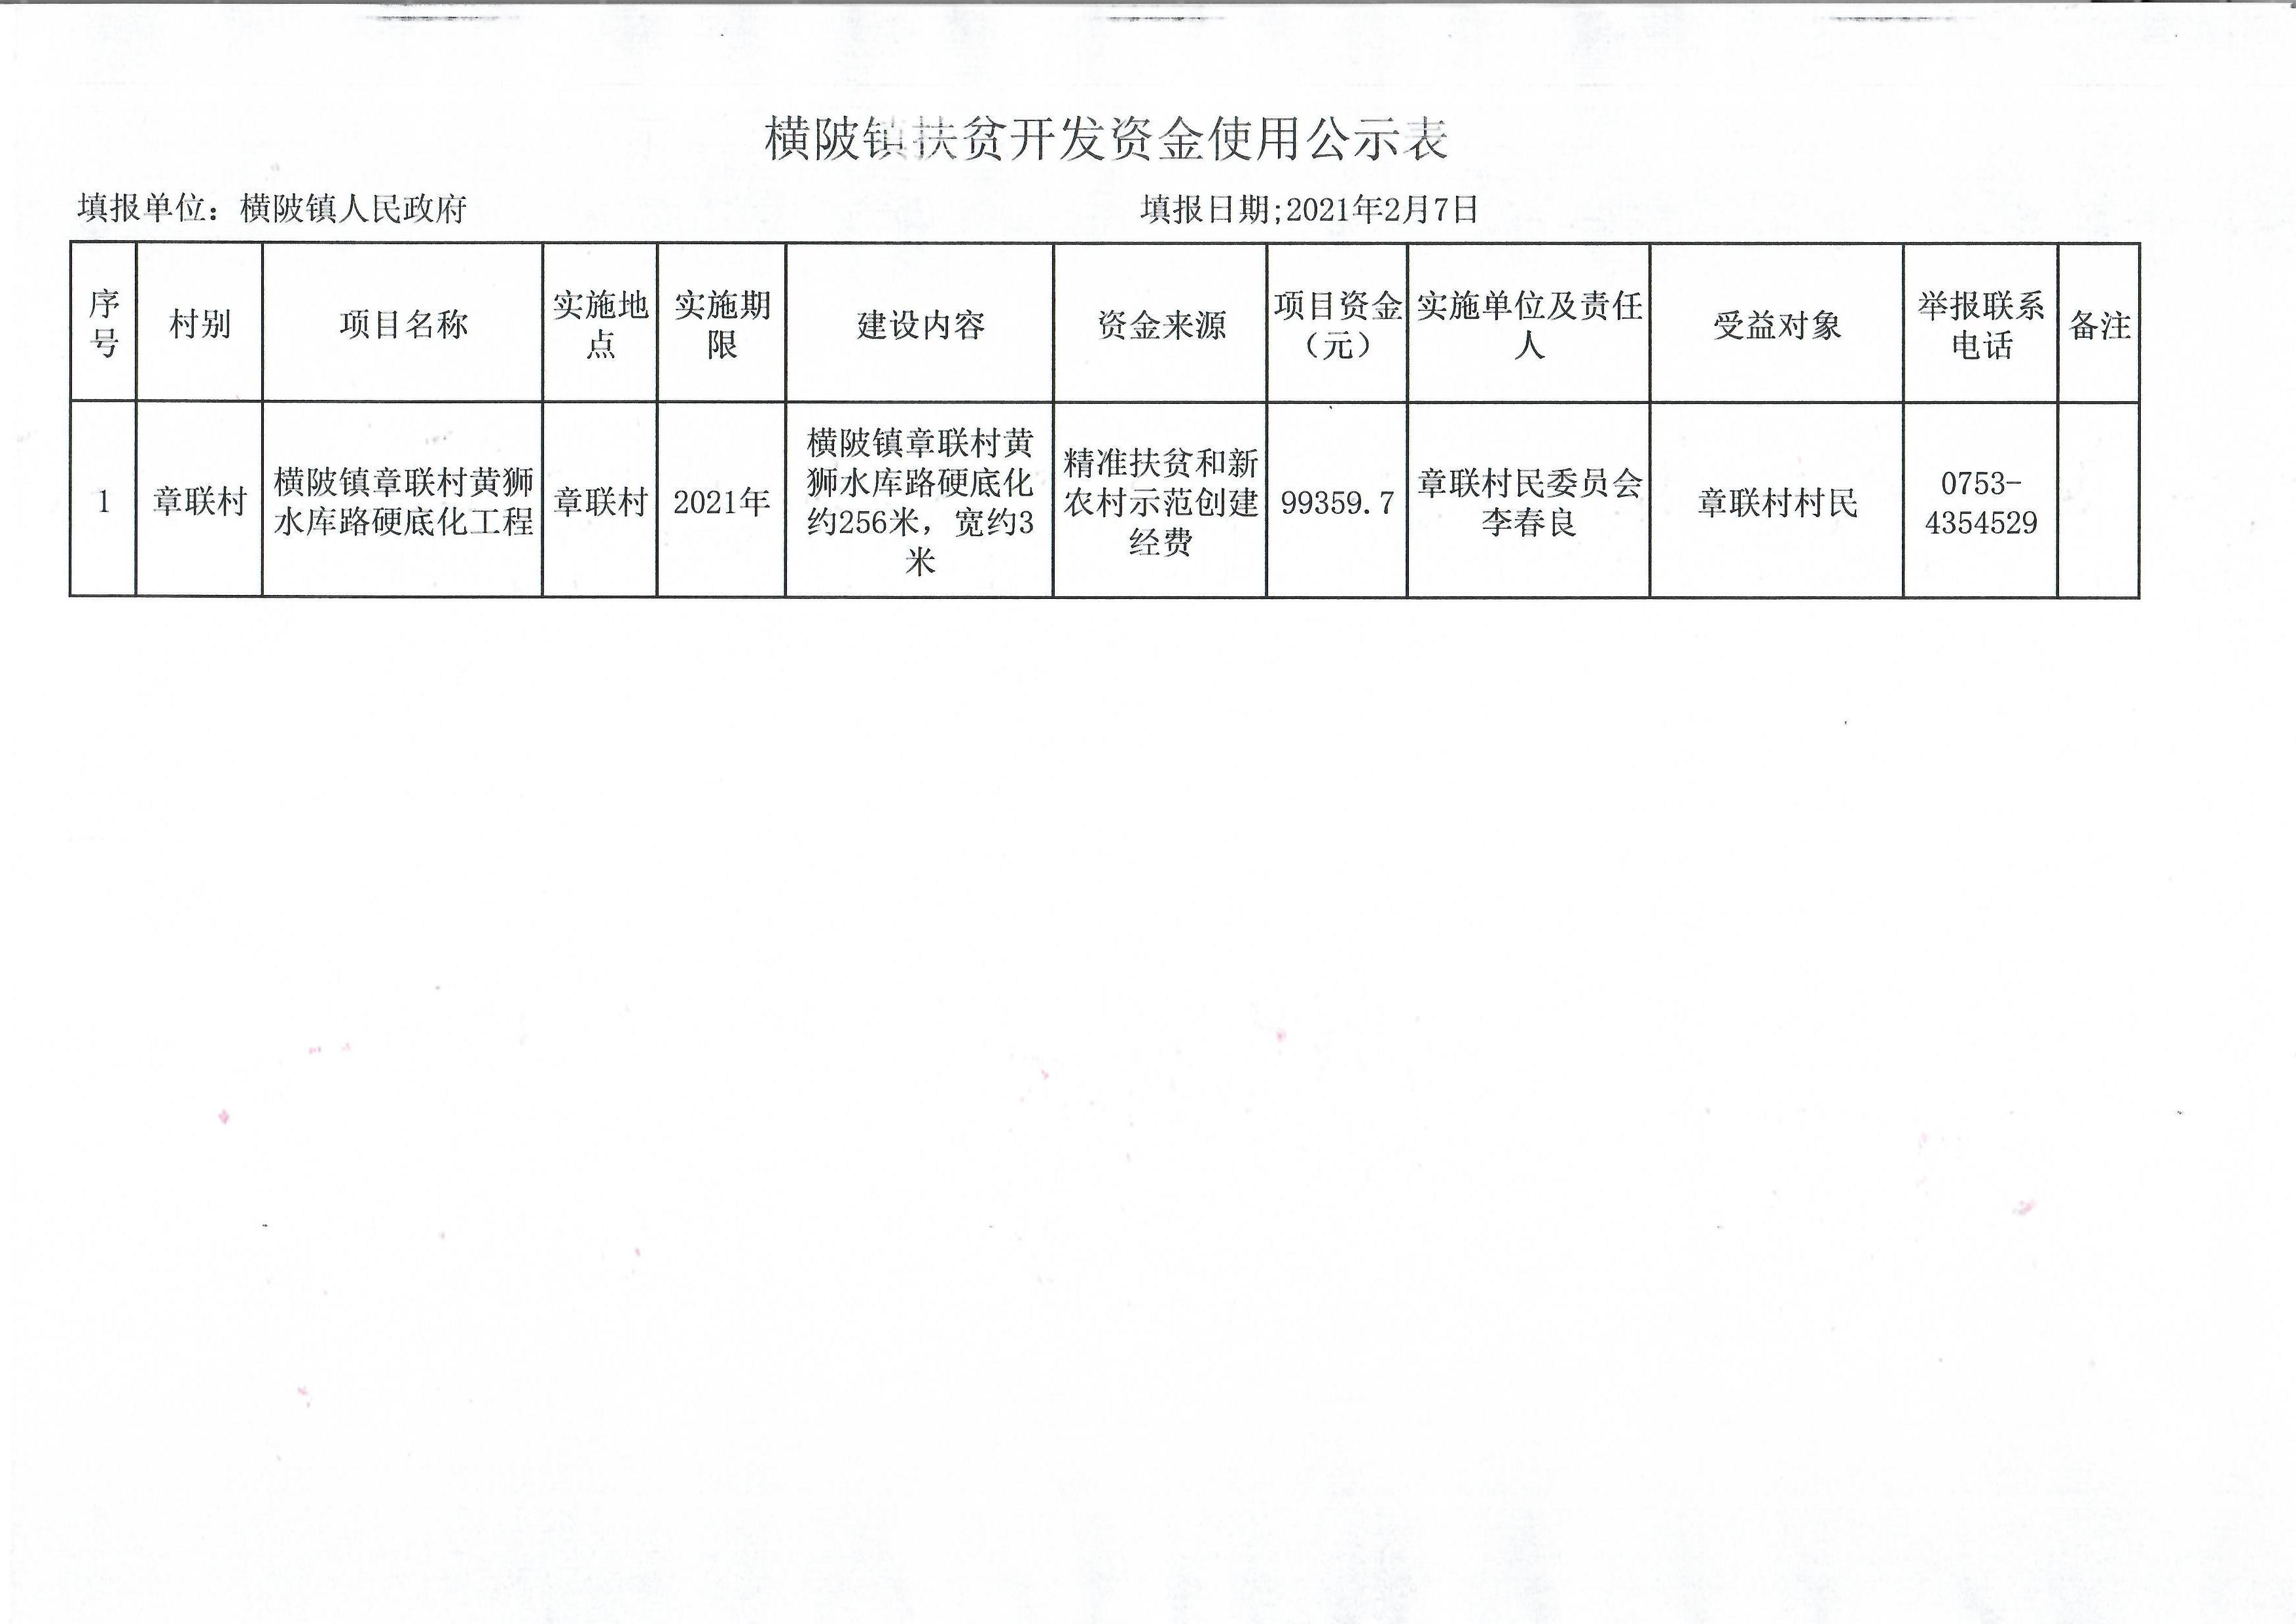 横陂镇扶贫开发资金使用公示表.jpg